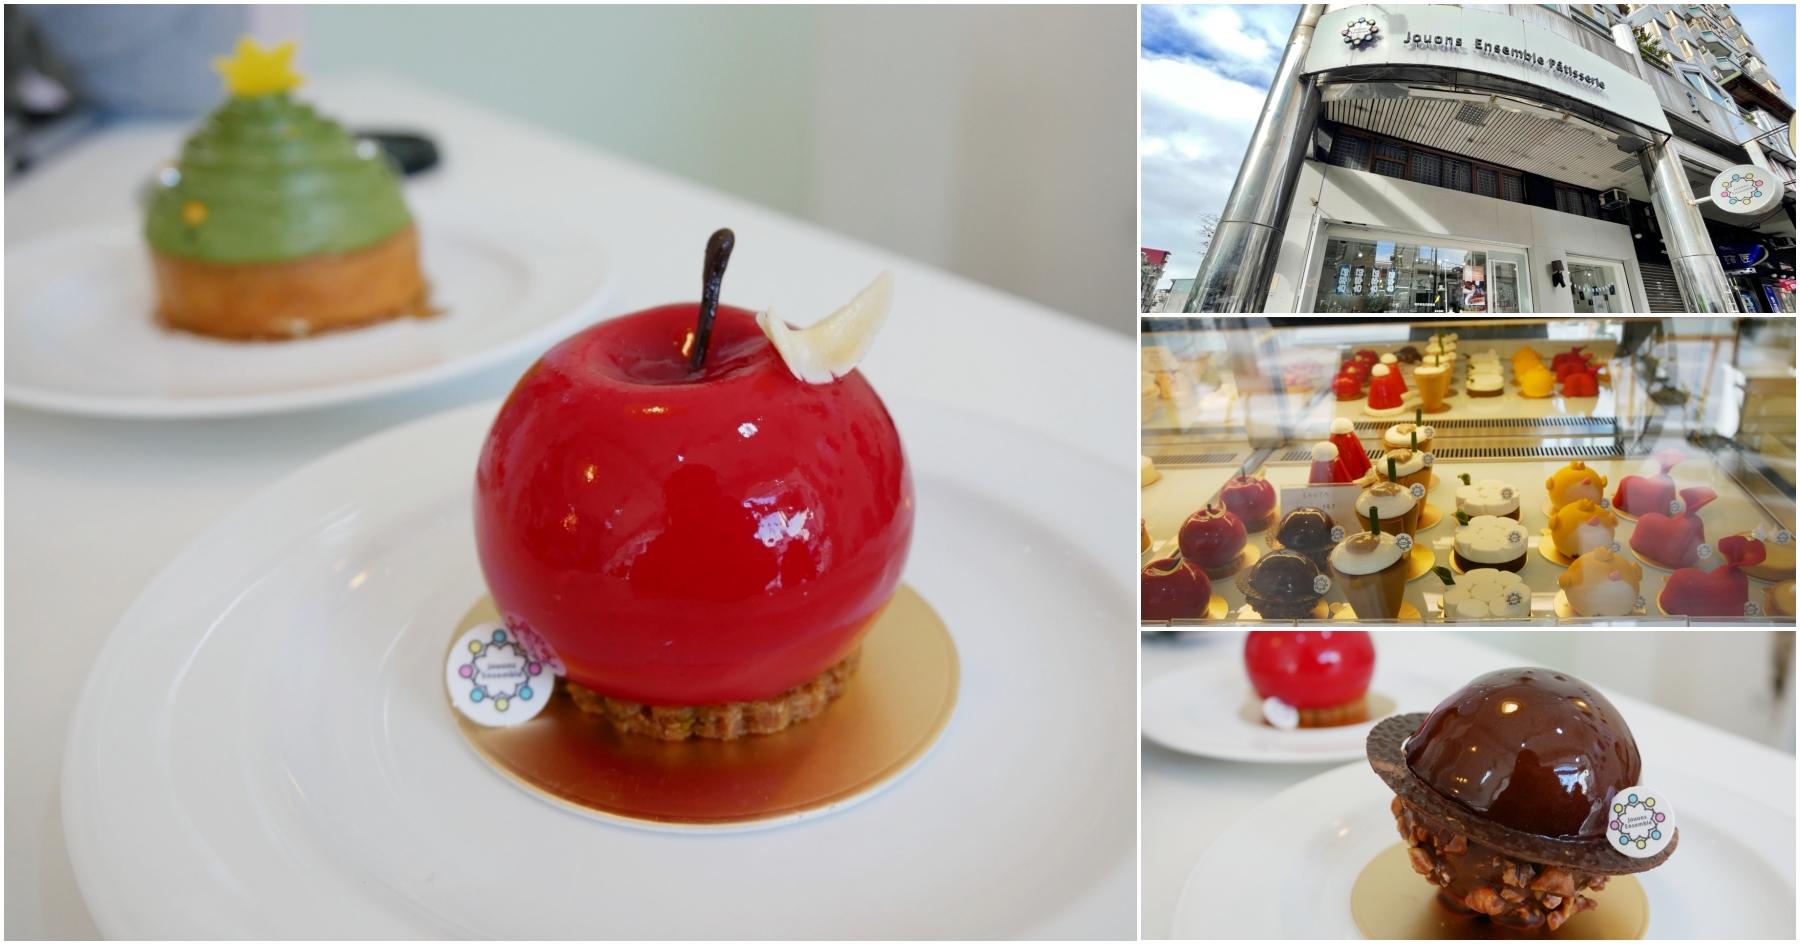 [板橋美食]稻町森法式甜點舖Jouons Ensemble Pâtisserie 季節限定不斷推出各式甜點 @VIVIYU小世界